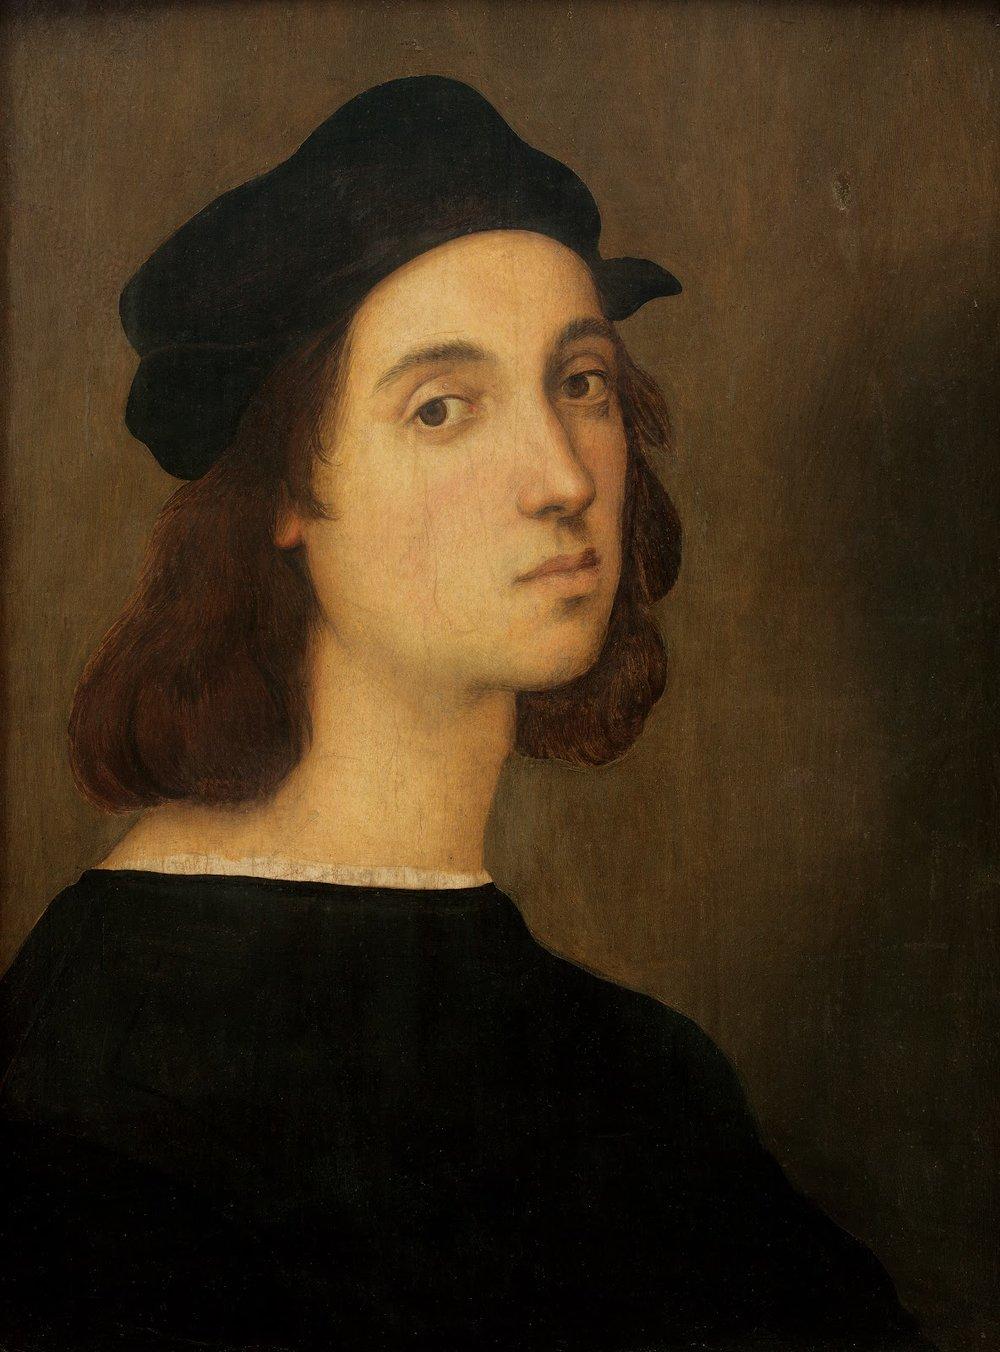 Self Portrait , Raphael Sanzio, 1509. Galleria degli Uffizi, Florence